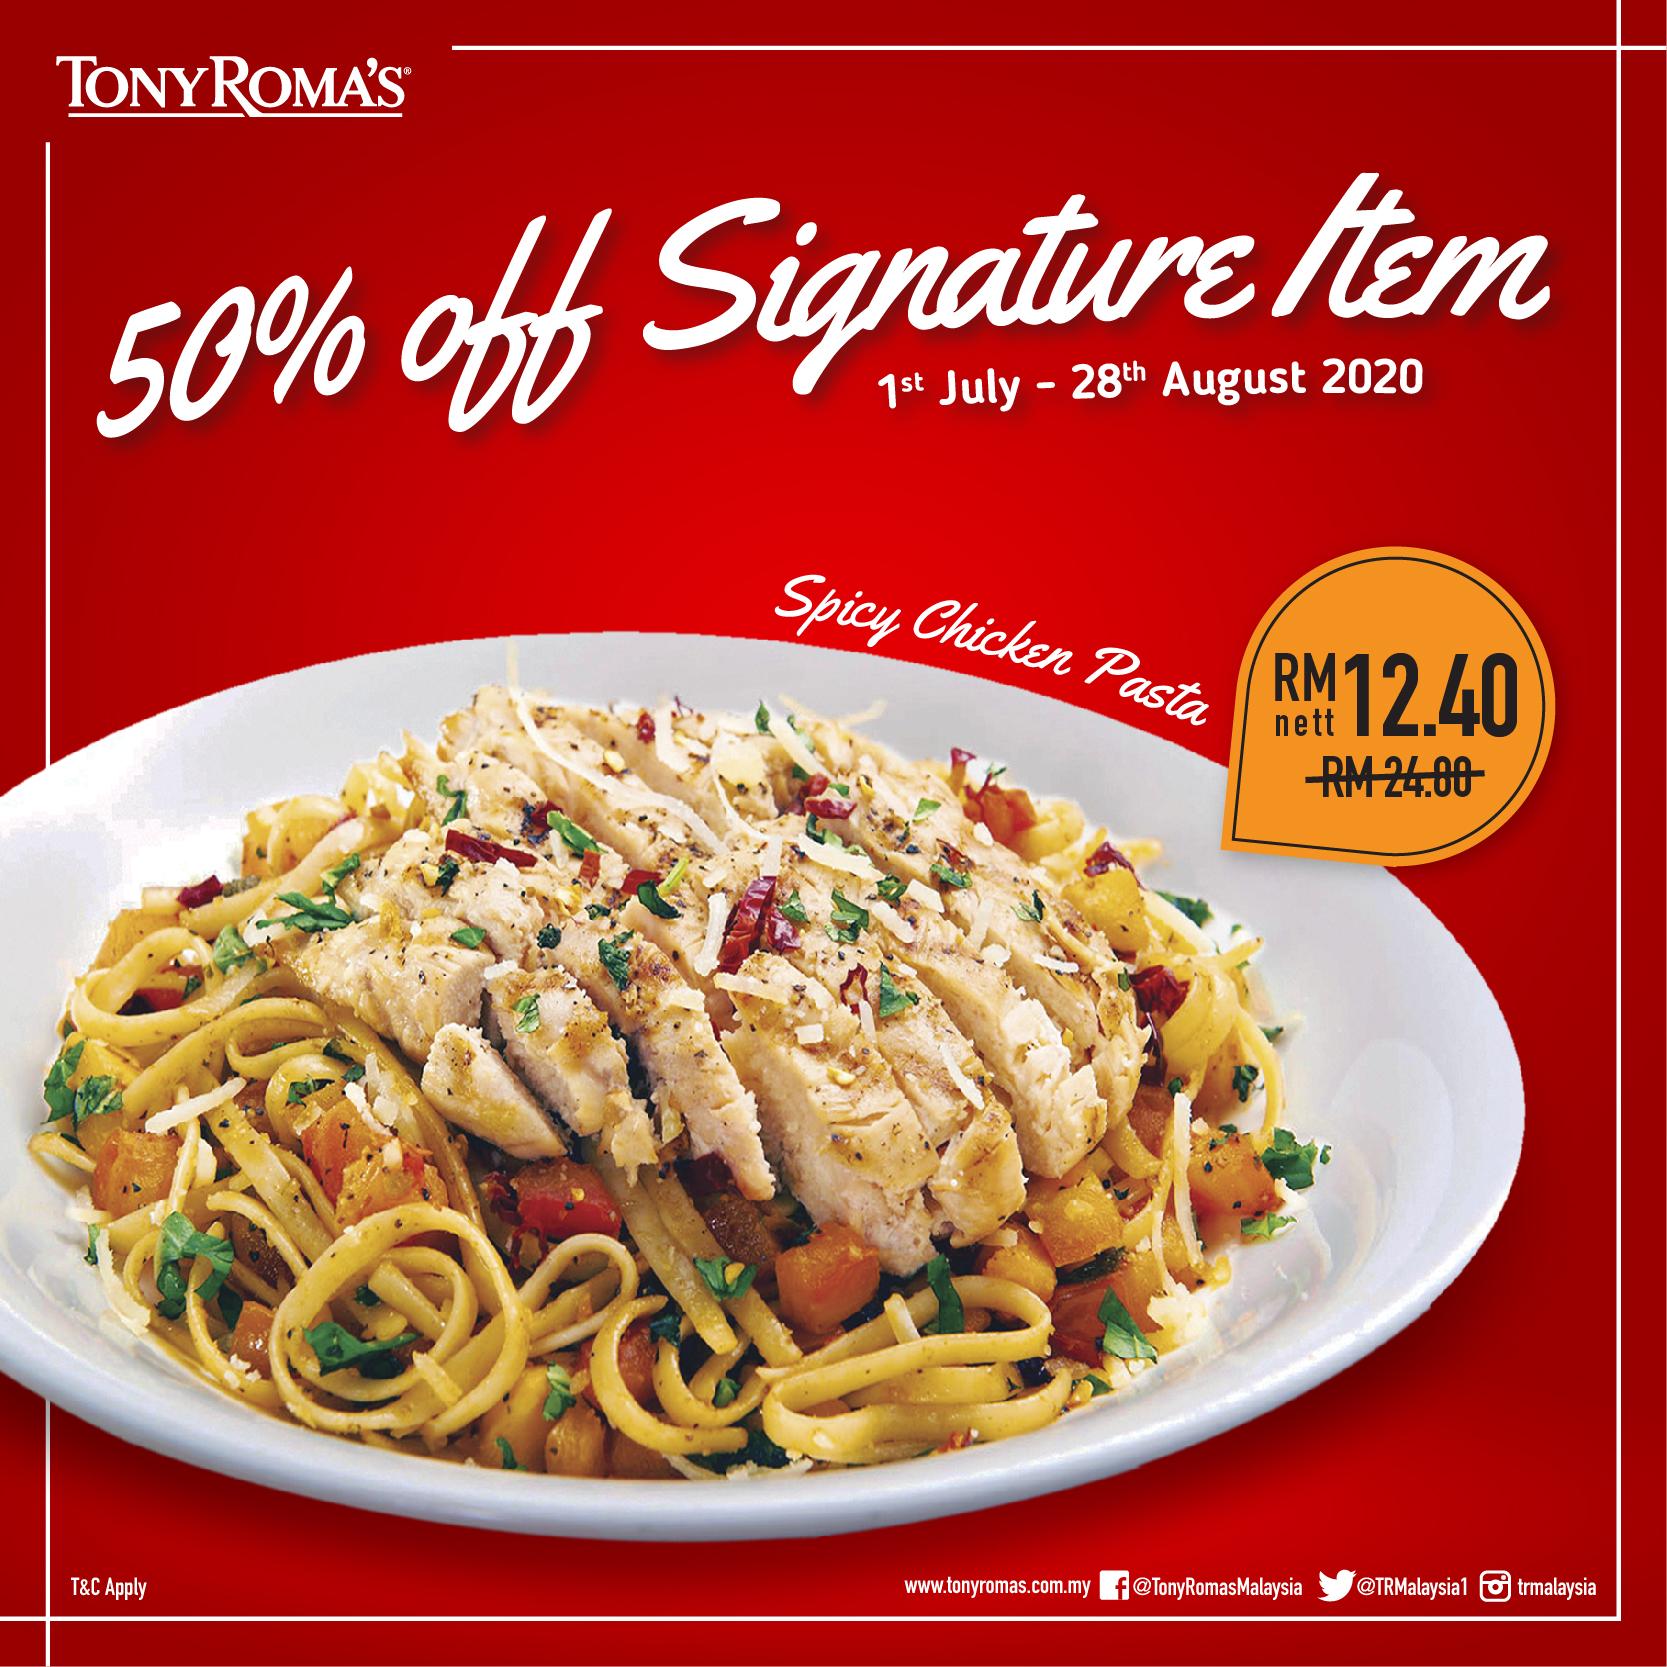 Tony-Romas-50-Off-Signature-Item-Spicy-Chicken-Pasta